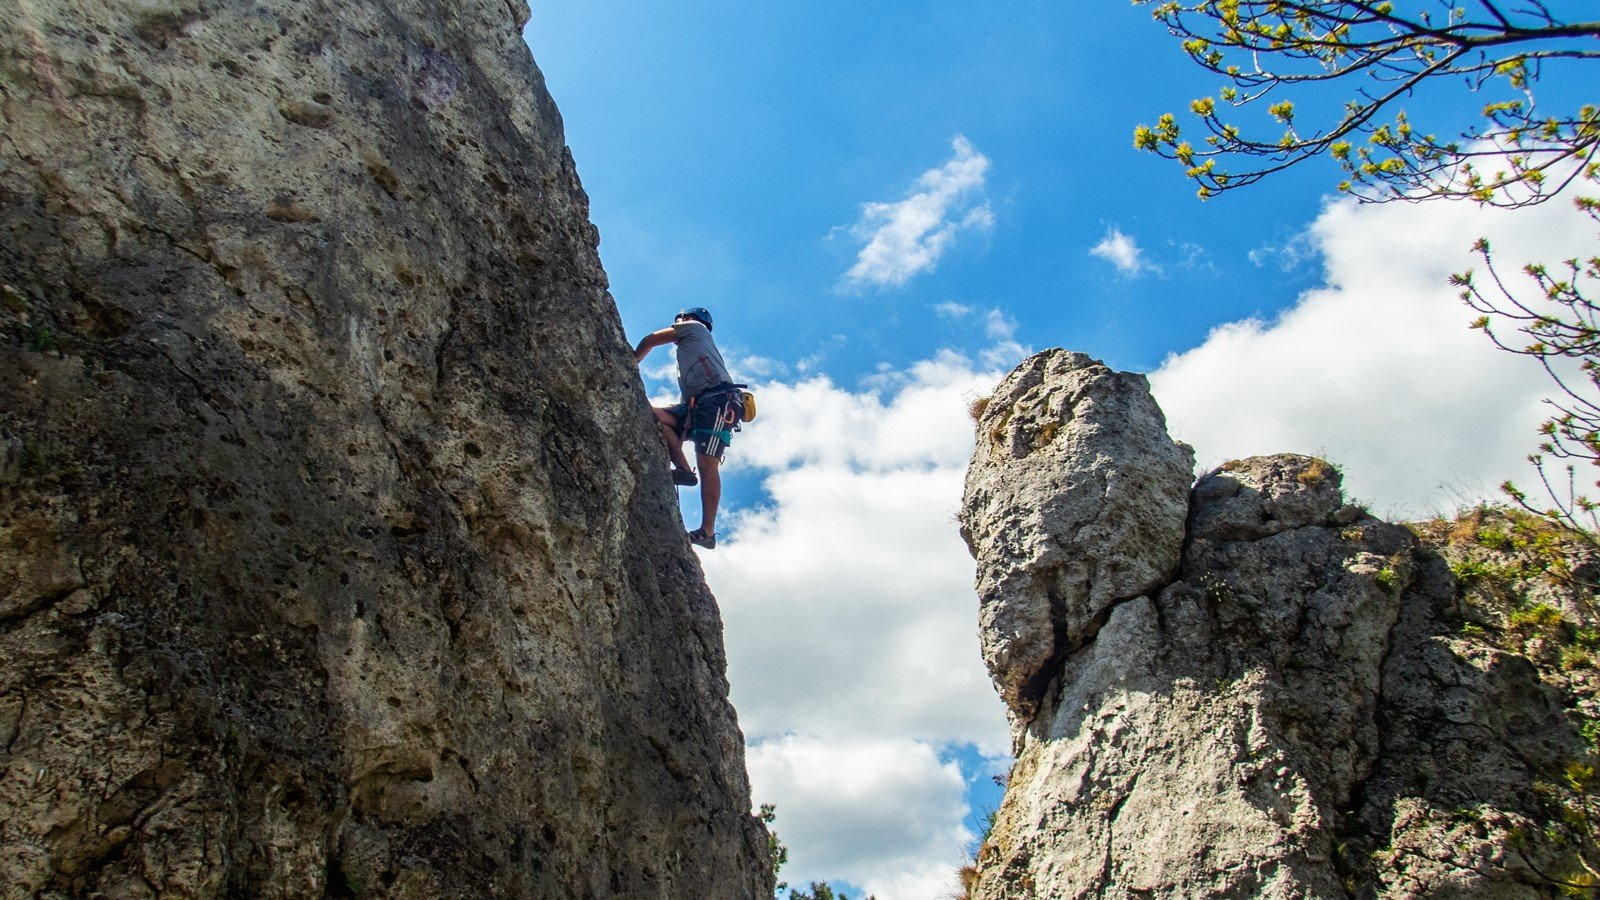 Kurs wspinaczki dla początkujacych